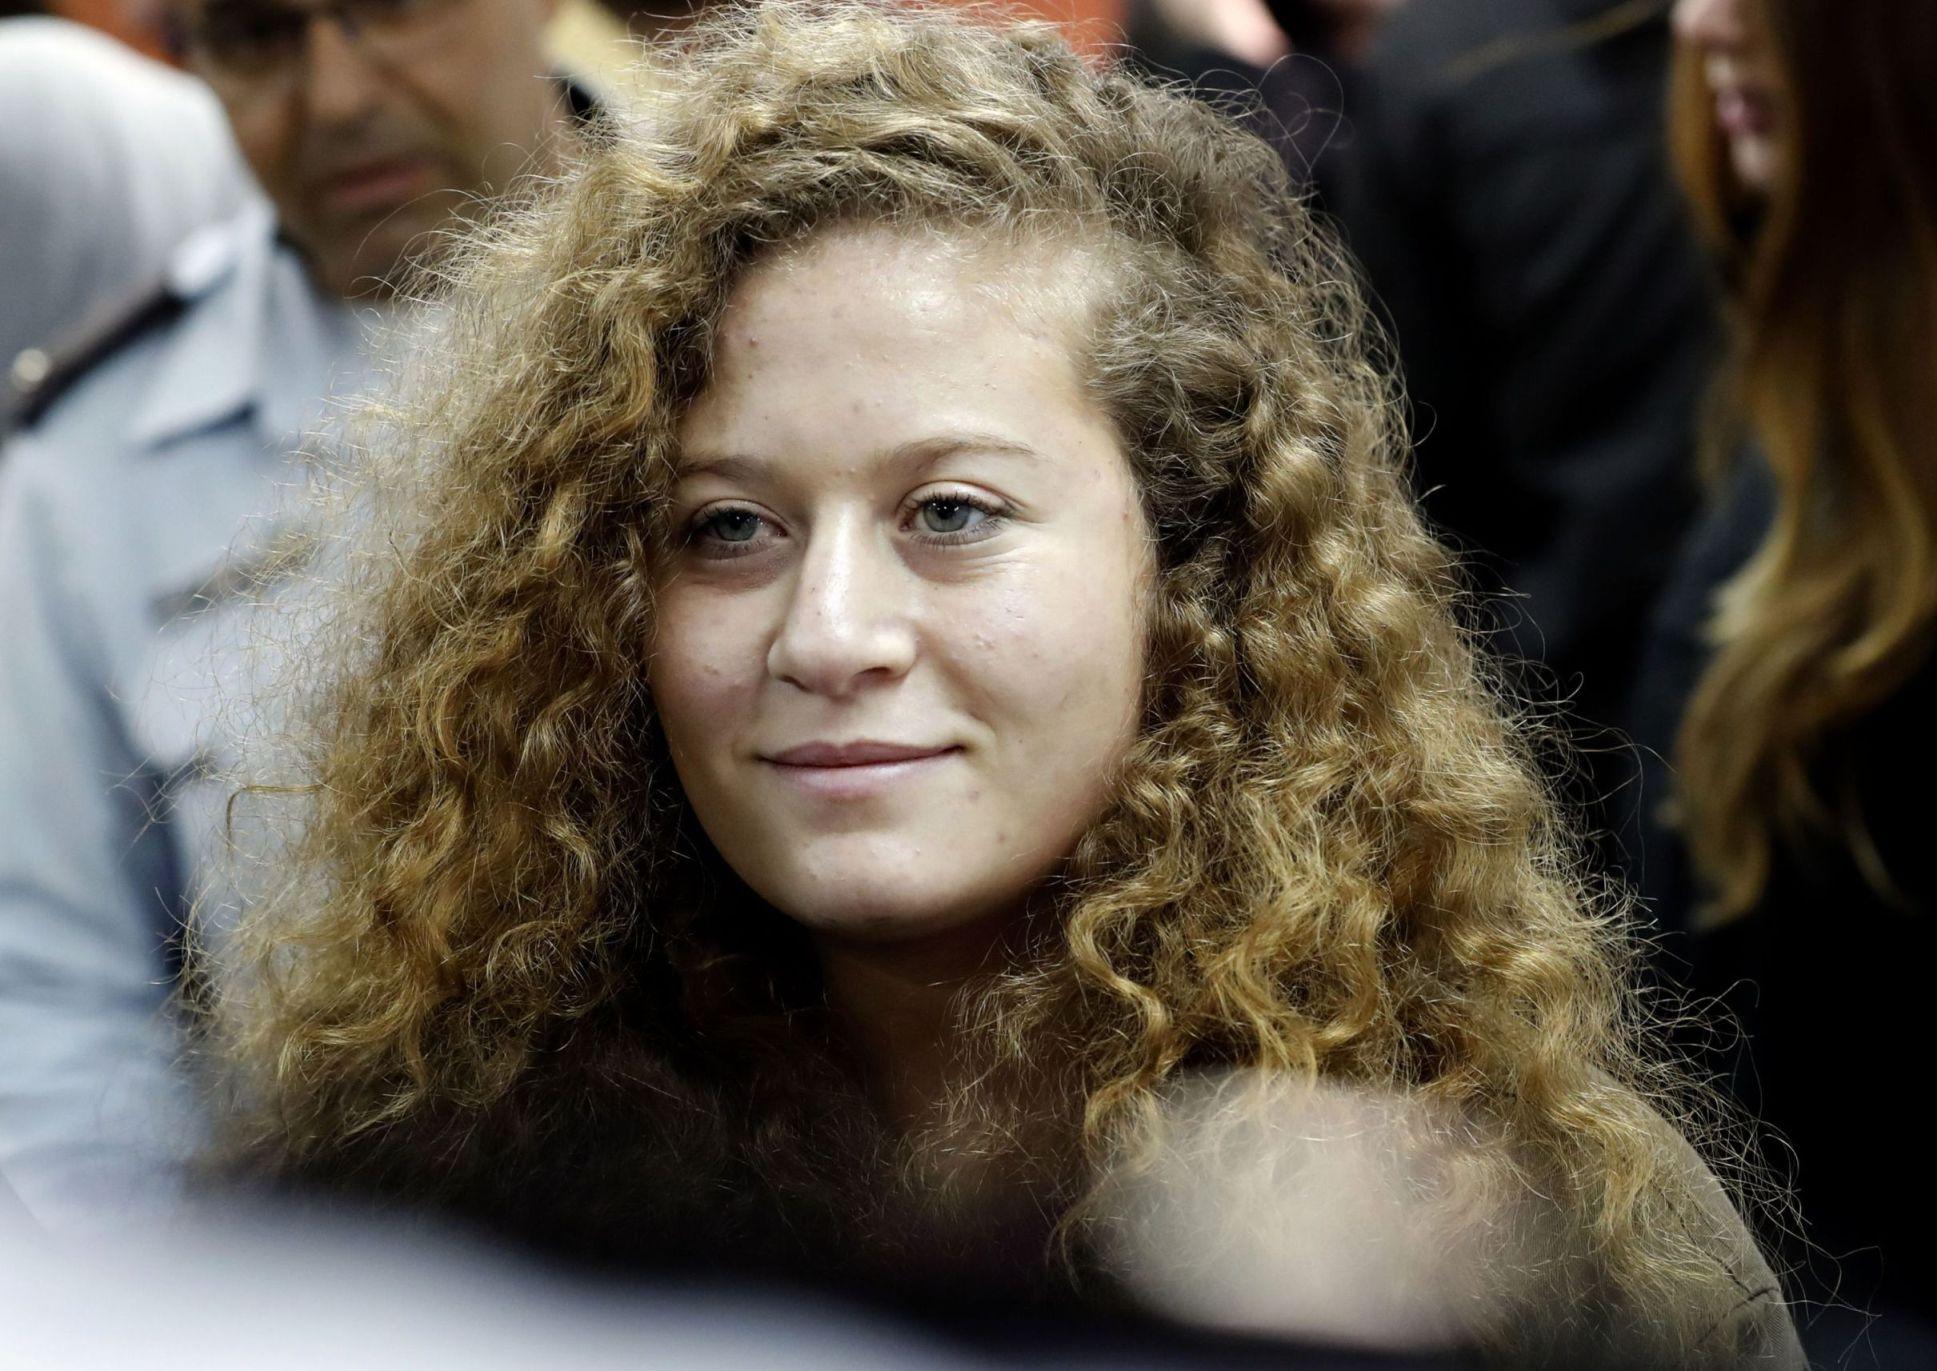 Israel Military Trial of Palestinian Teen Opens behind Closed Doors